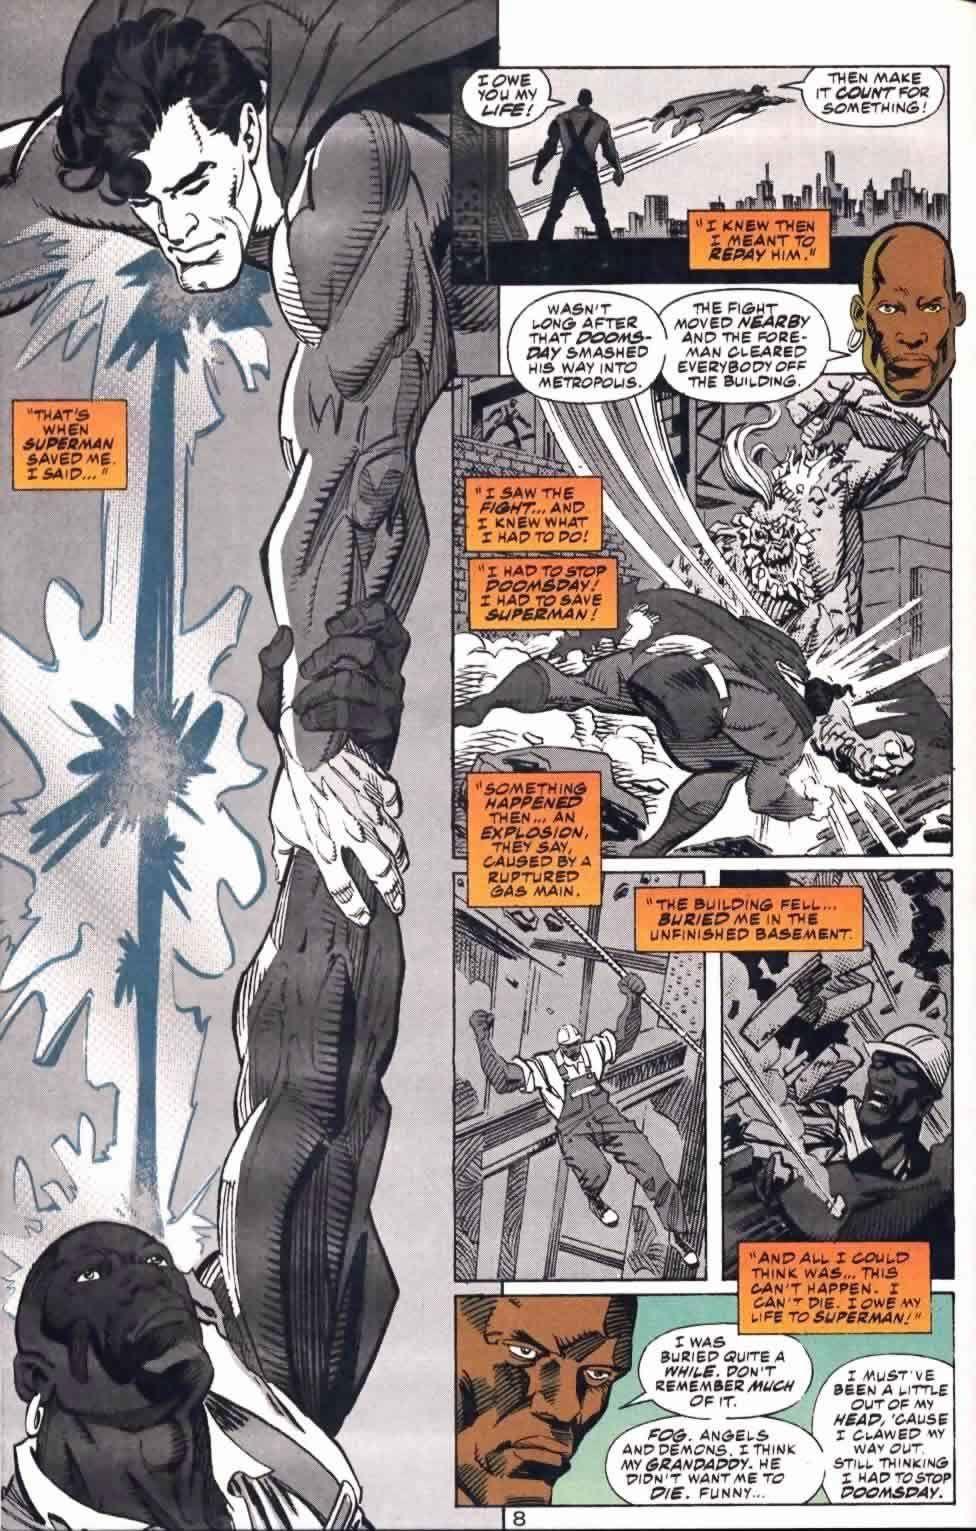 Man of Steel #22 (Written by Louise Simonson, Pencils by Jon Bogdanove)